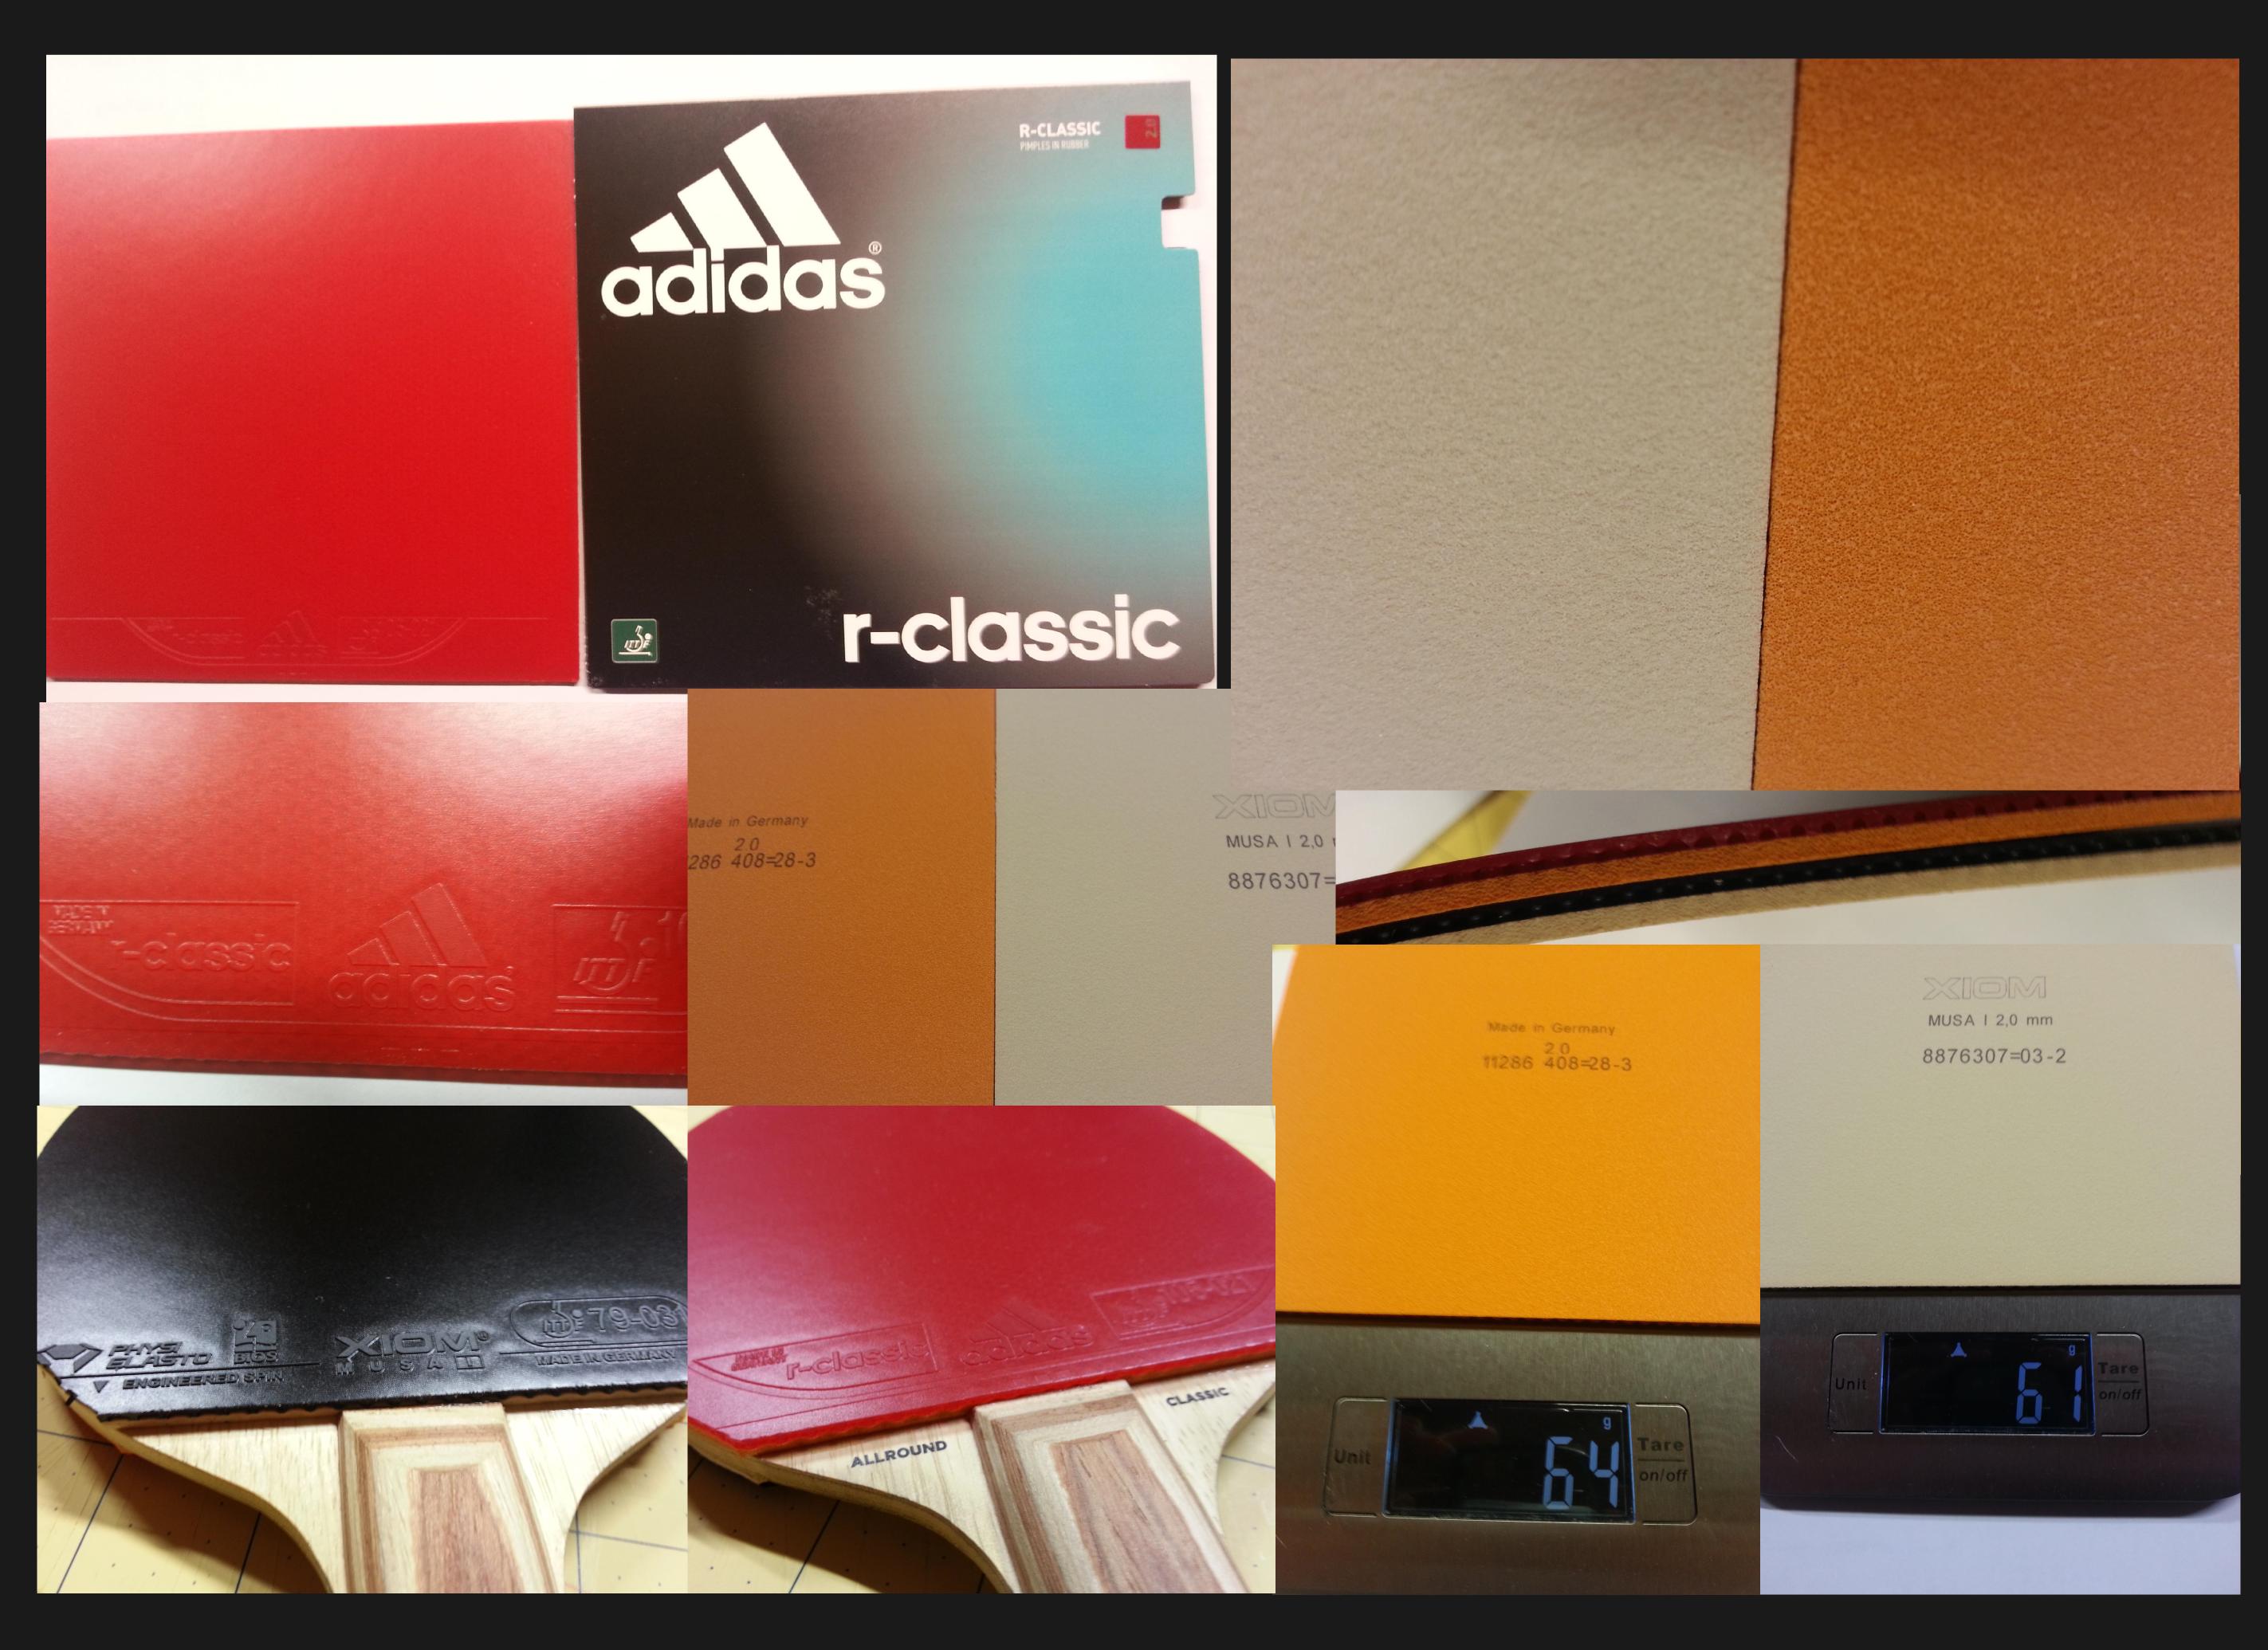 adidas r-classic vs. Xiom Musa